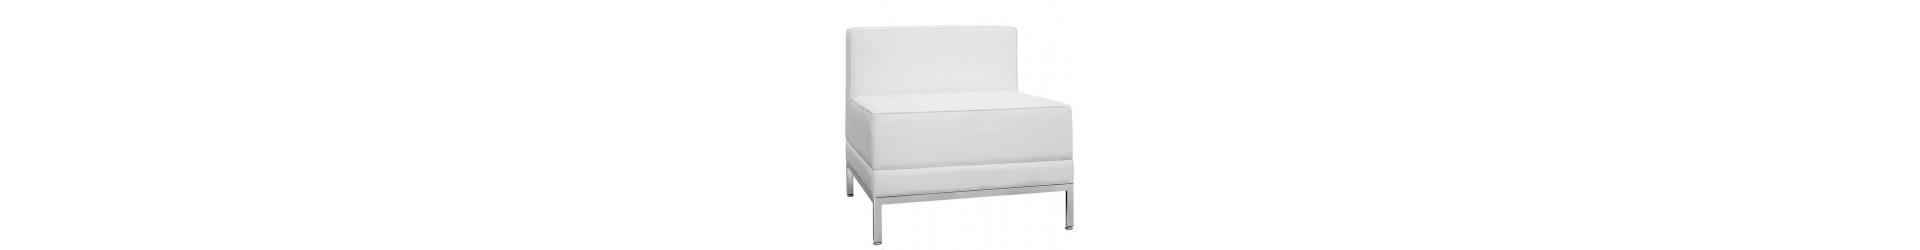 Sofa und Sessel ideal für öffentliche Plätze